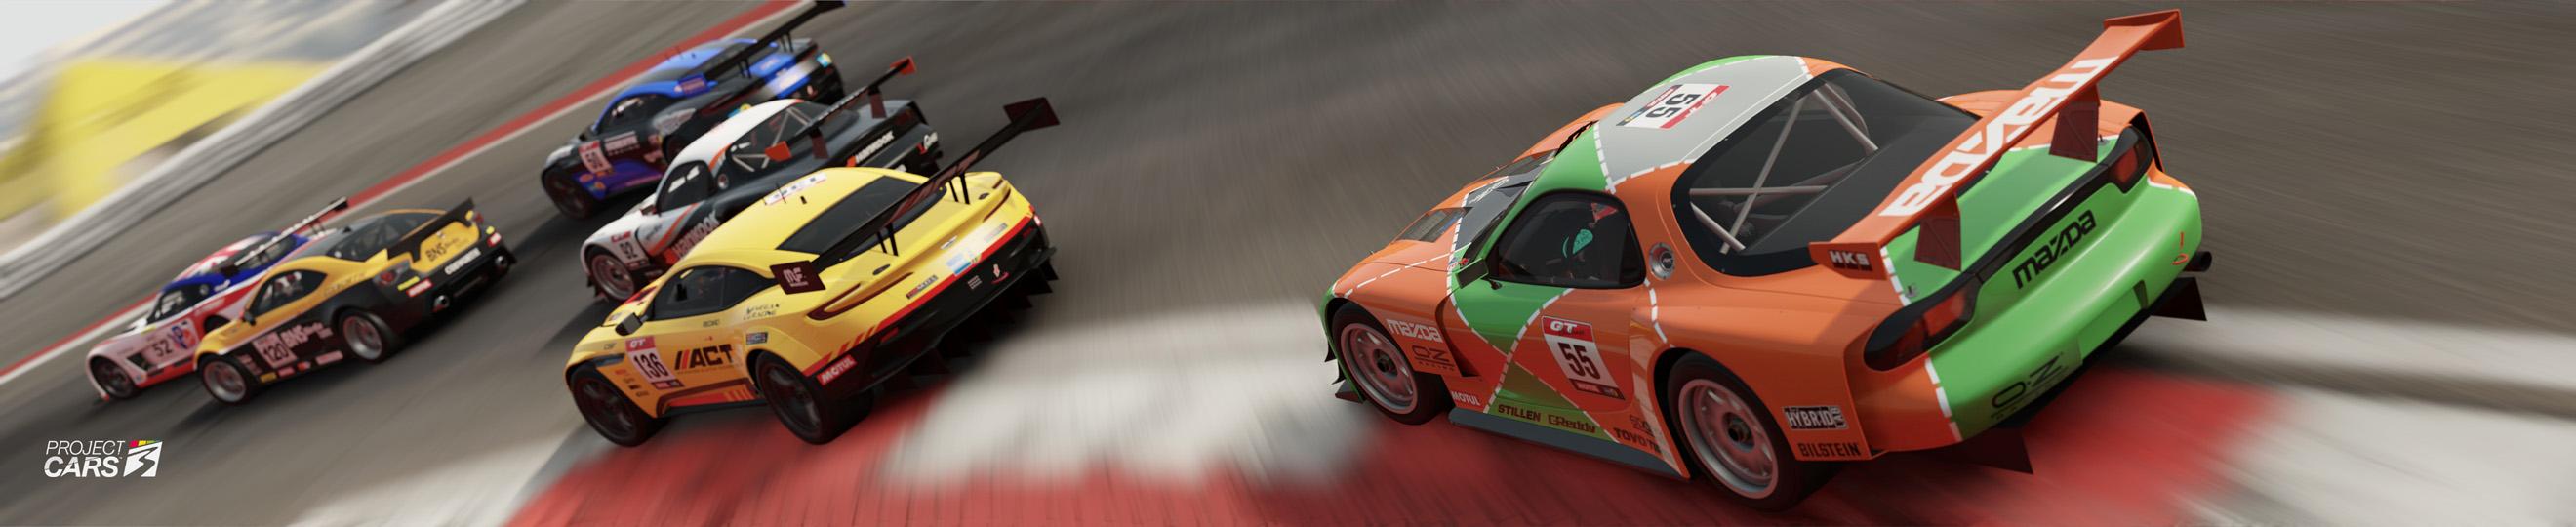 1a PROJECT CARS 3 new DLC 94 MAZDA RX7 RACING crop copy.jpg